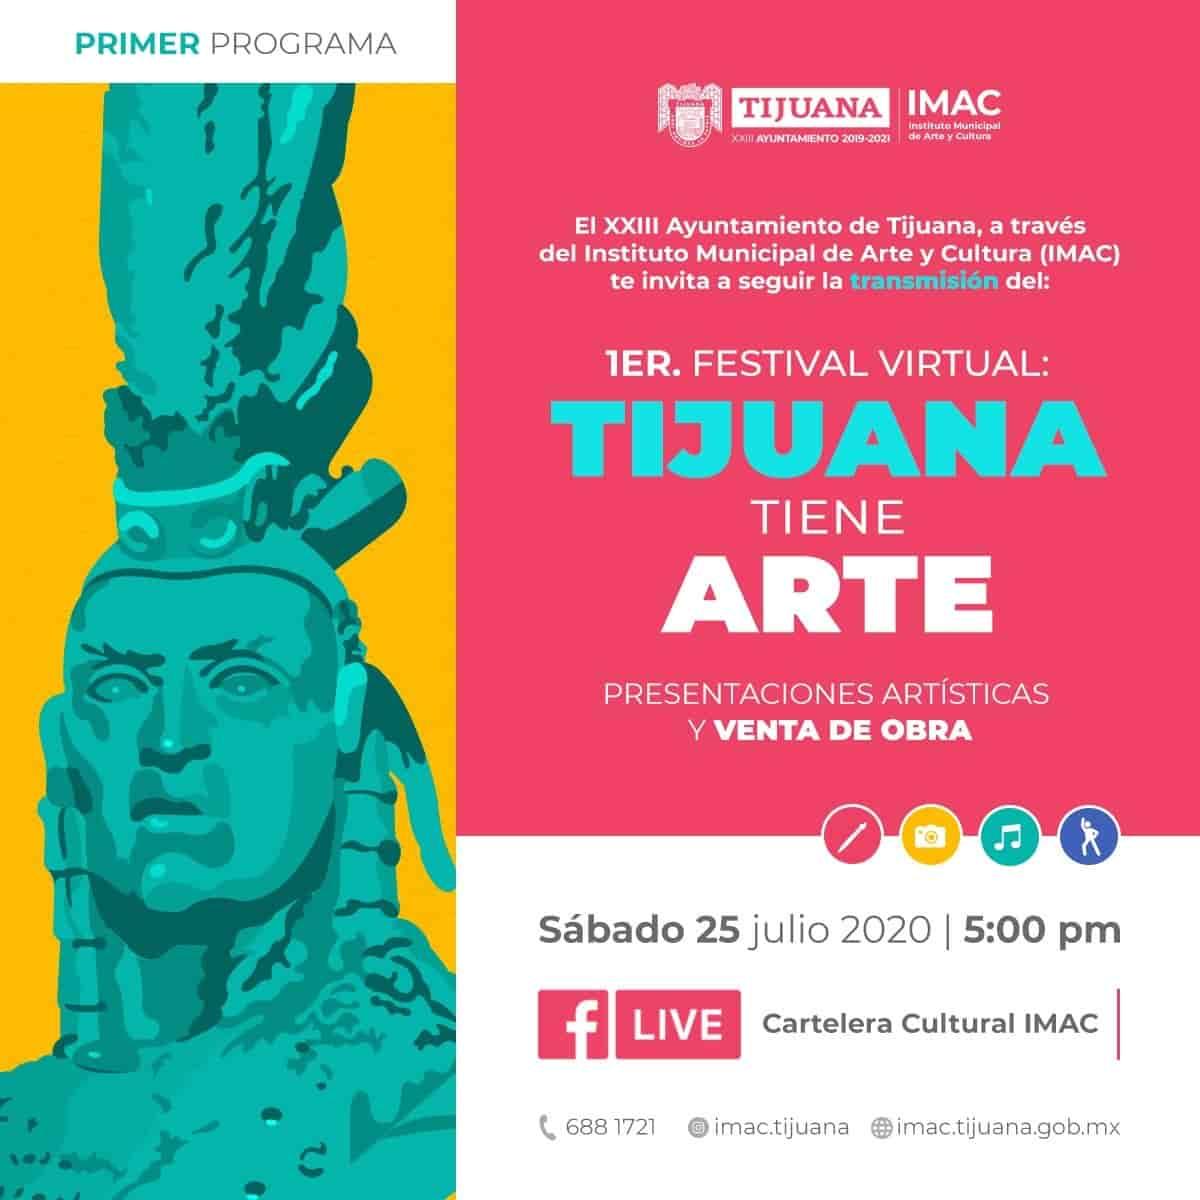 Apoyemos a nuestros artistas durante el primer festival virtual Tijuana Tiene Arte